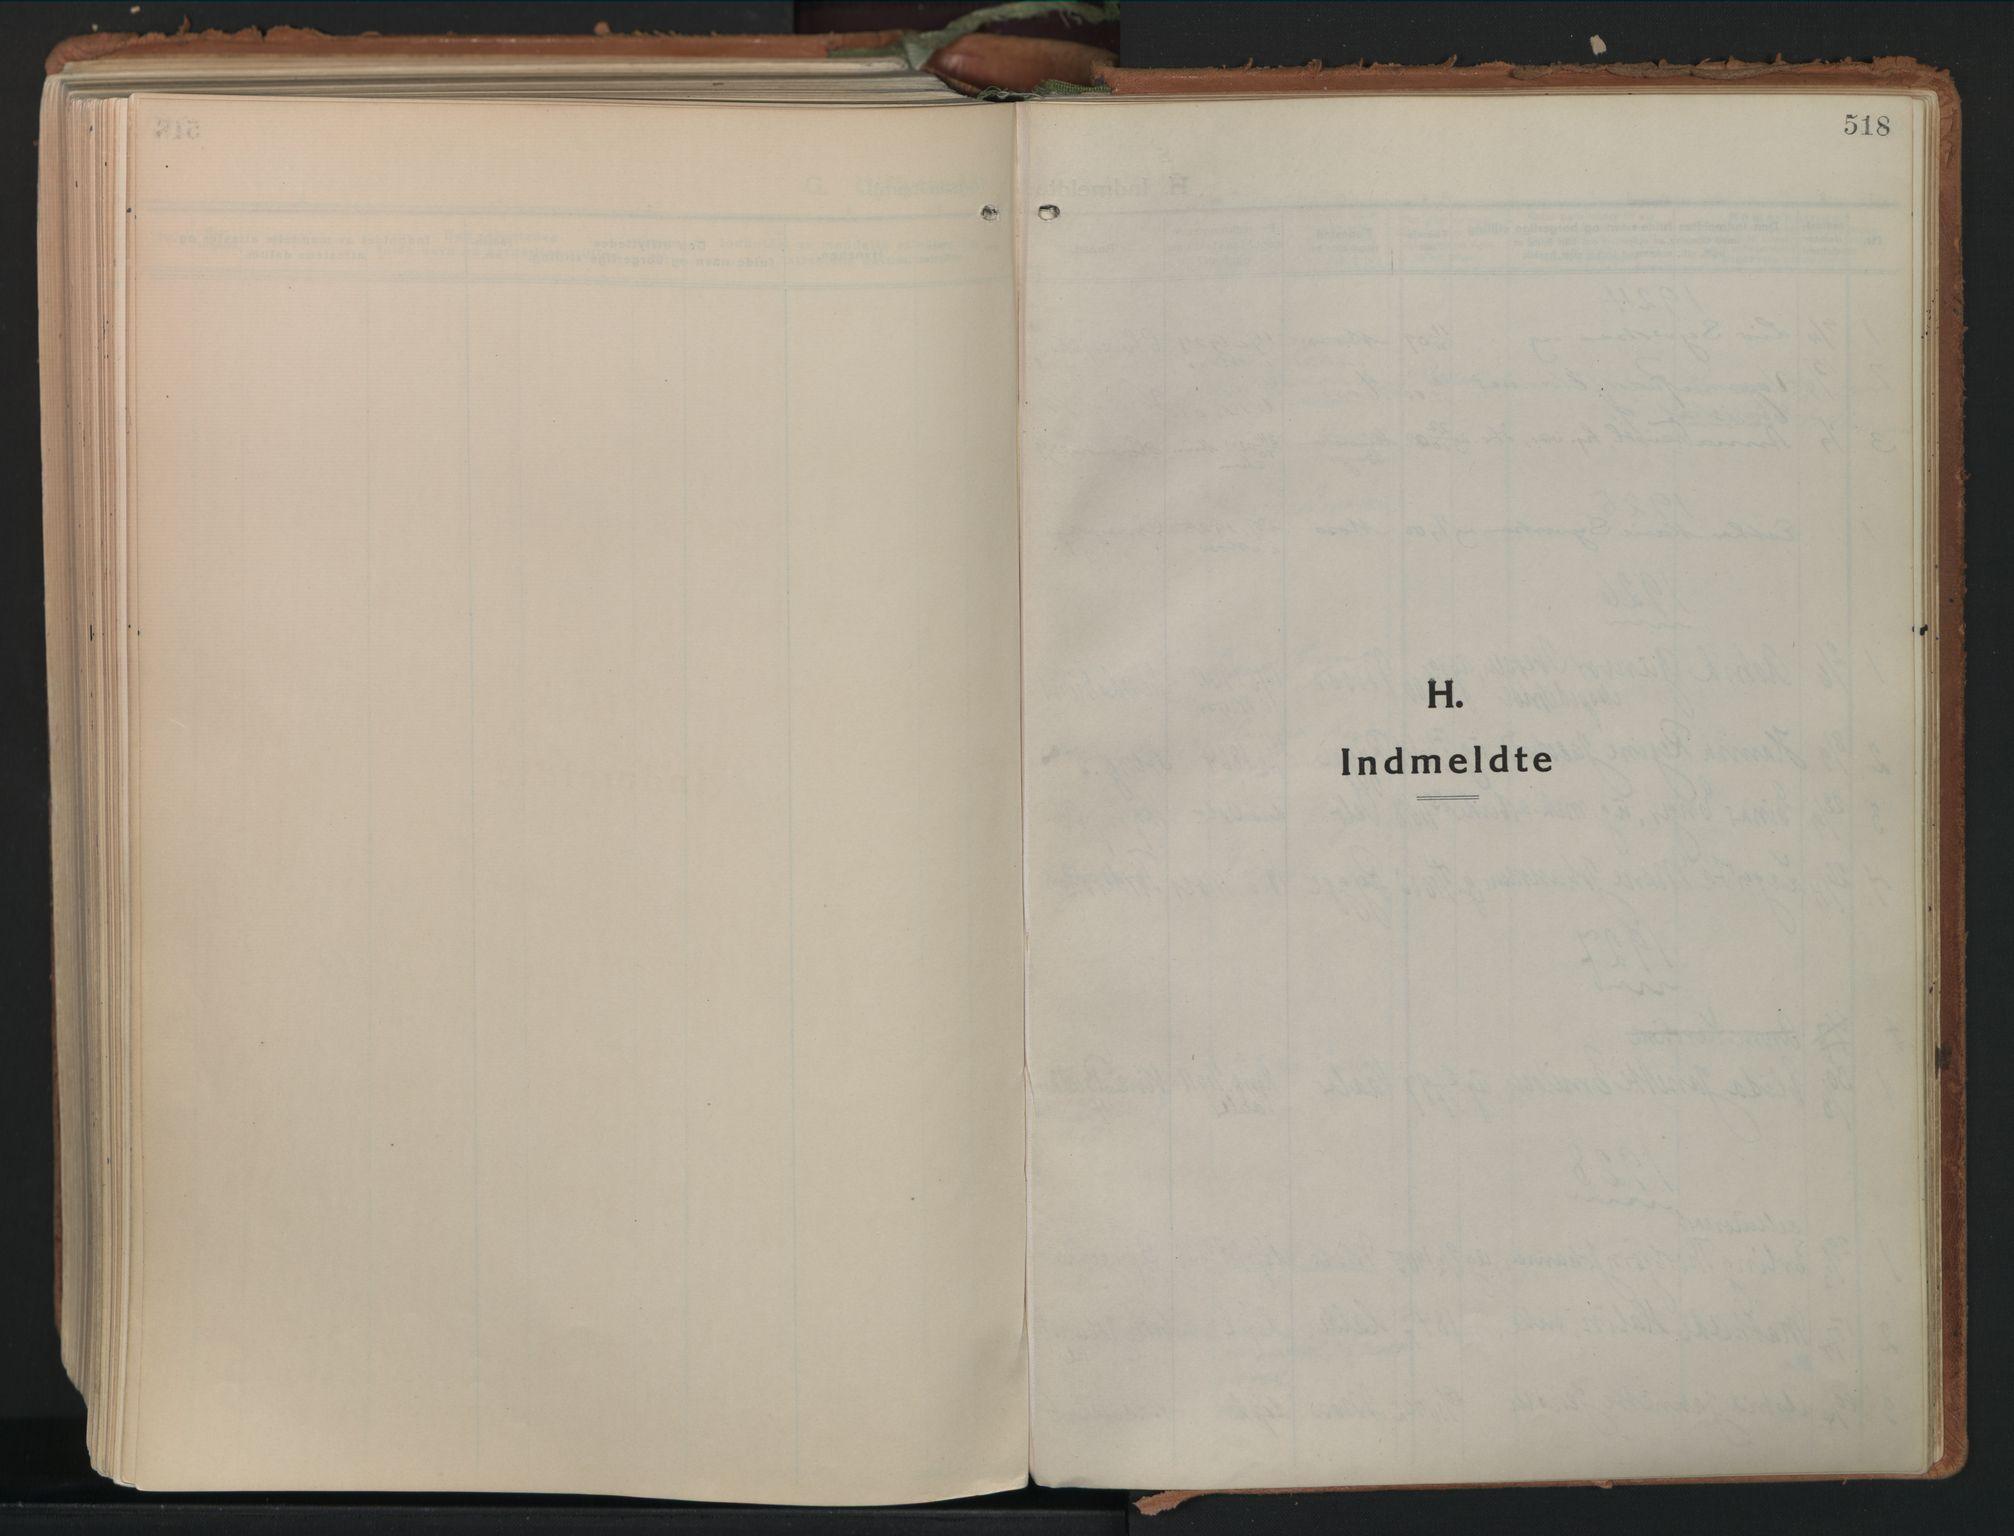 SAO, Moss prestekontor Kirkebøker, F/Fb/Fab/L0006: Ministerialbok nr. II 6, 1924-1932, s. 518